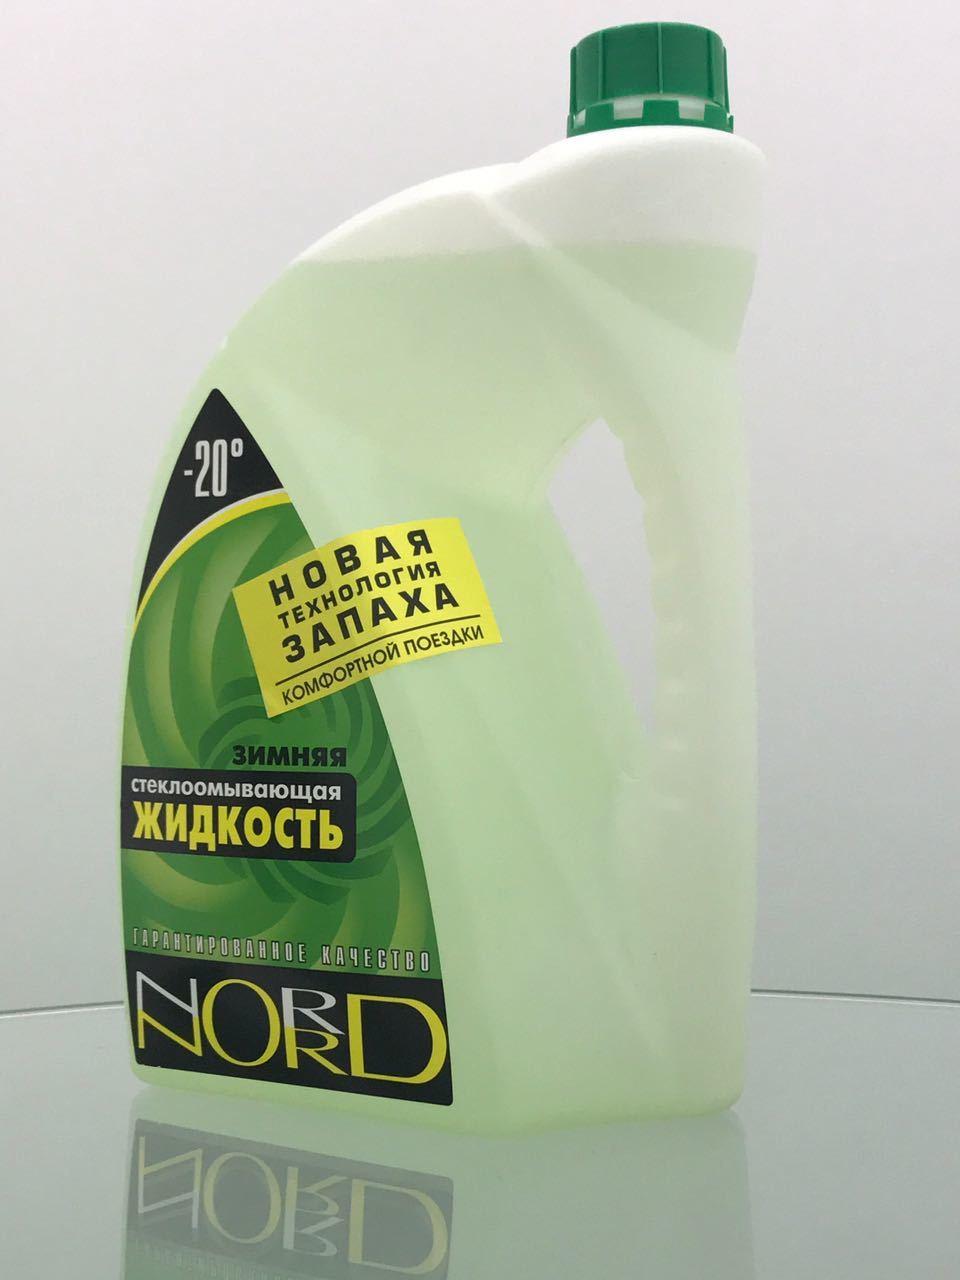 Nord (-20С) - Зимняя жидкость незамерзающая (4л) для лобового стекла автомобиля